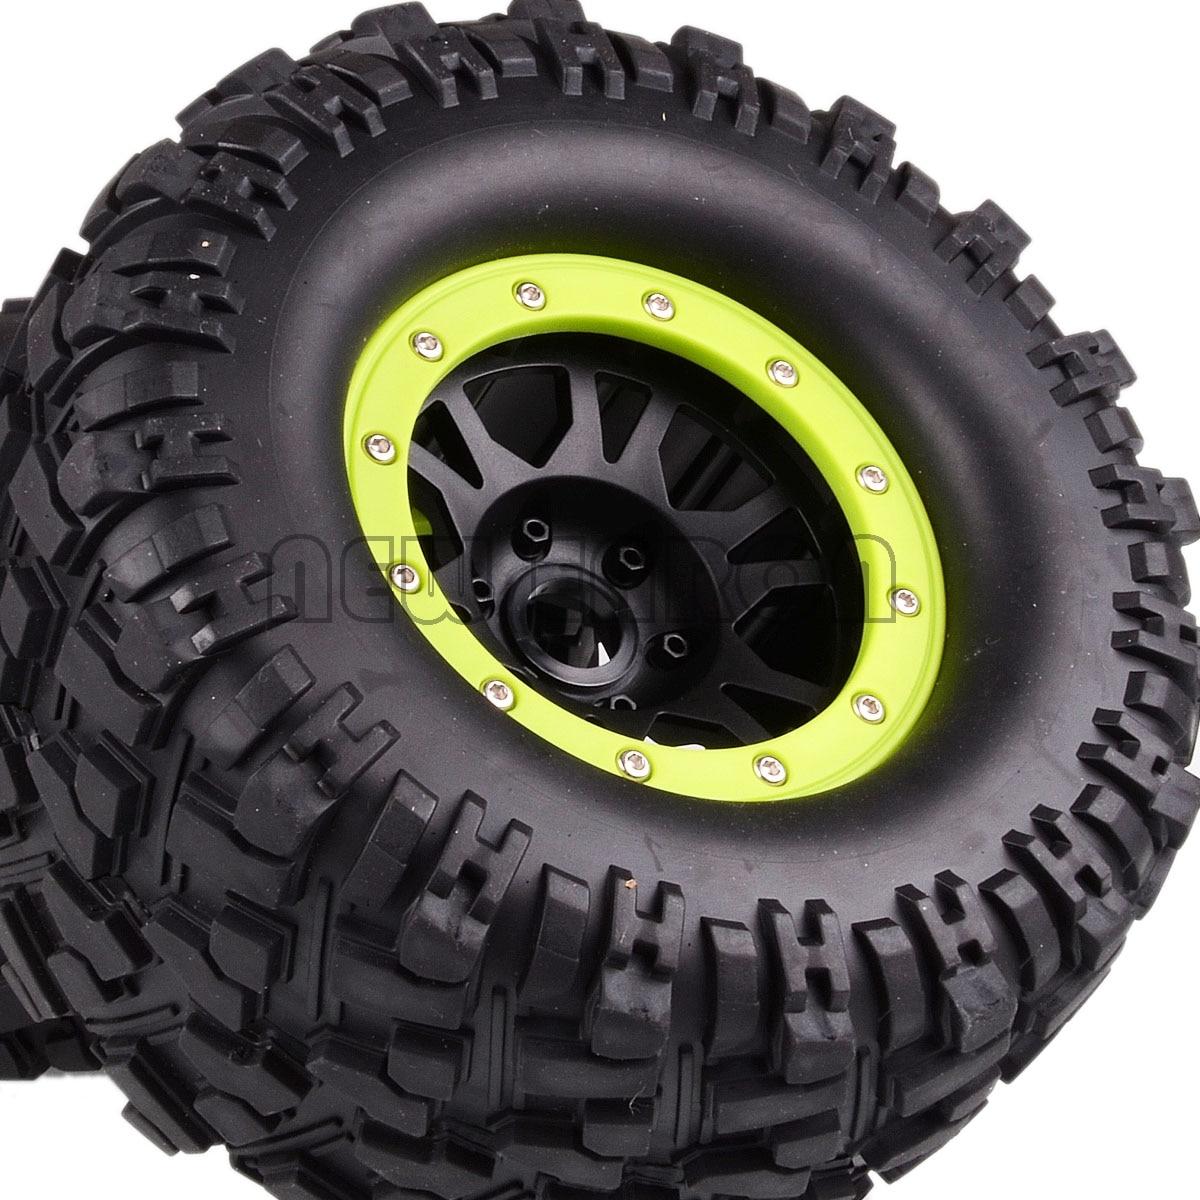 NEW ENRON 1P Wheel Hub Rim &170MM Tire 17MM Hex FOR RC 1/8 1:8 Truck HPI Savage FLUX HSP  HPI LOSI HSP NANDA